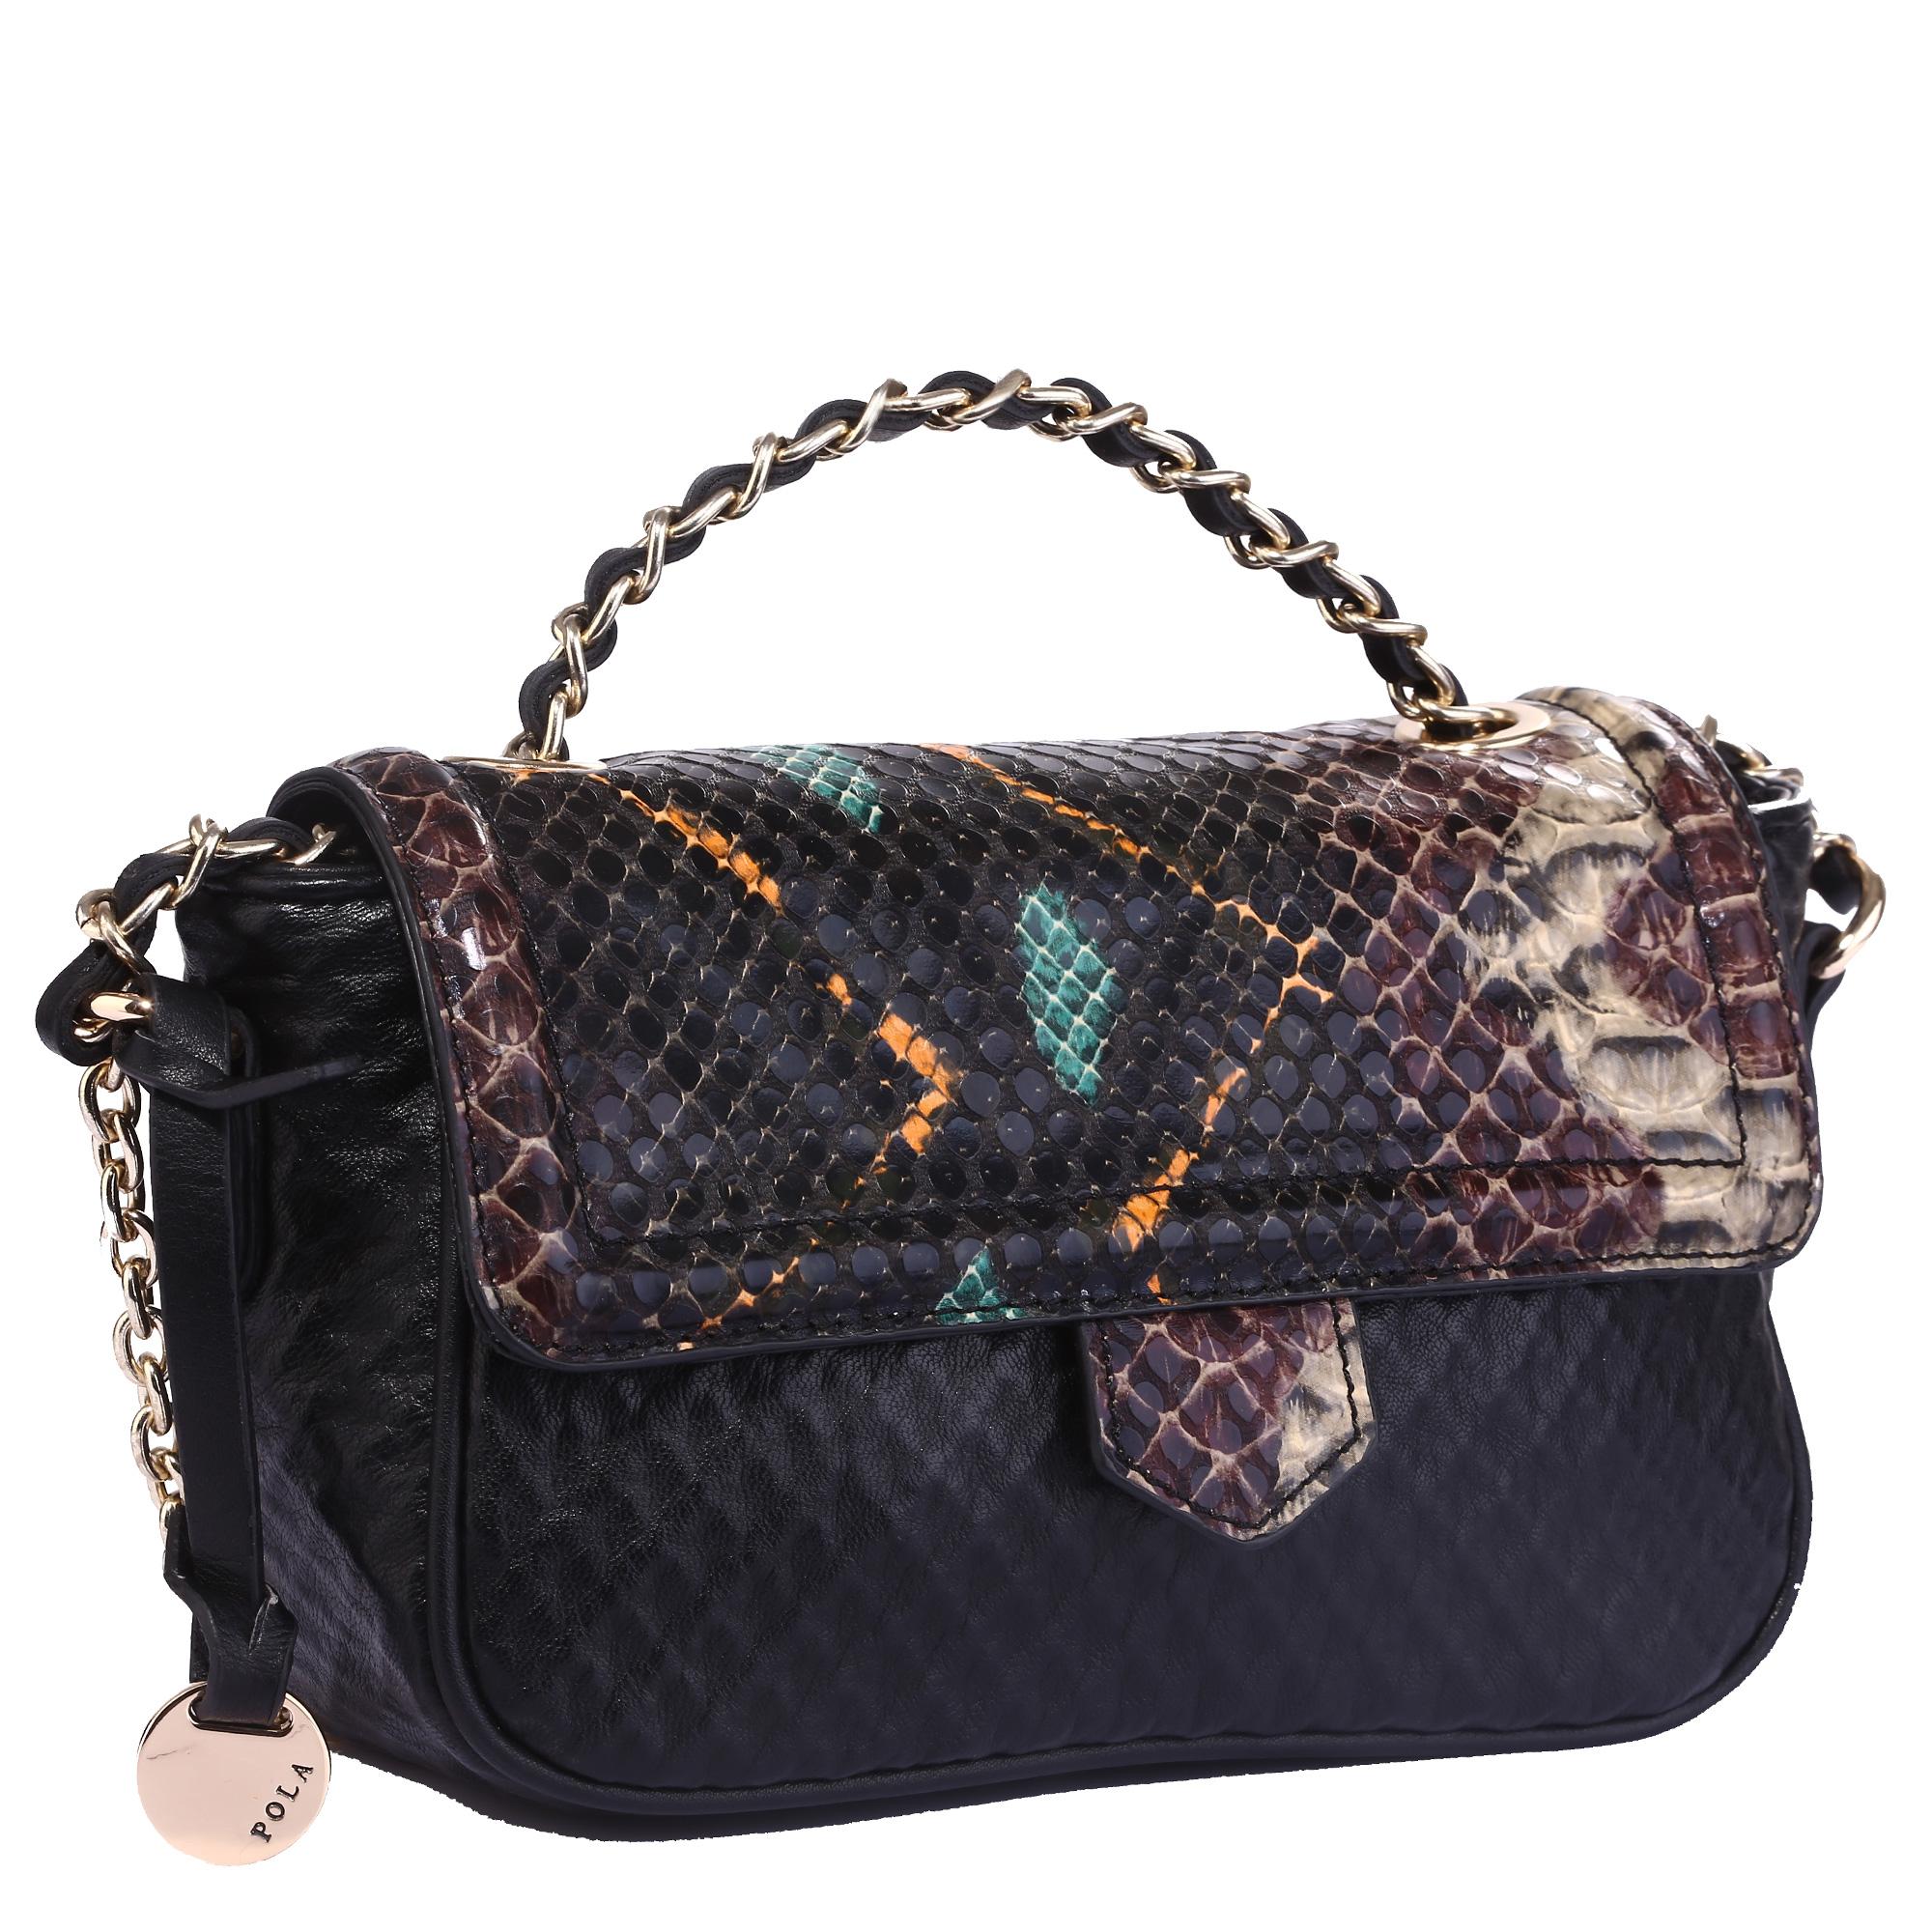 Сбор заказов! П -@ л а-50. Любимая кожгалантерея. Сумки, чемоданы, рюкзаки, кошельки, портпледы, дорожные сумки и многое другое самого известного российского бренда.